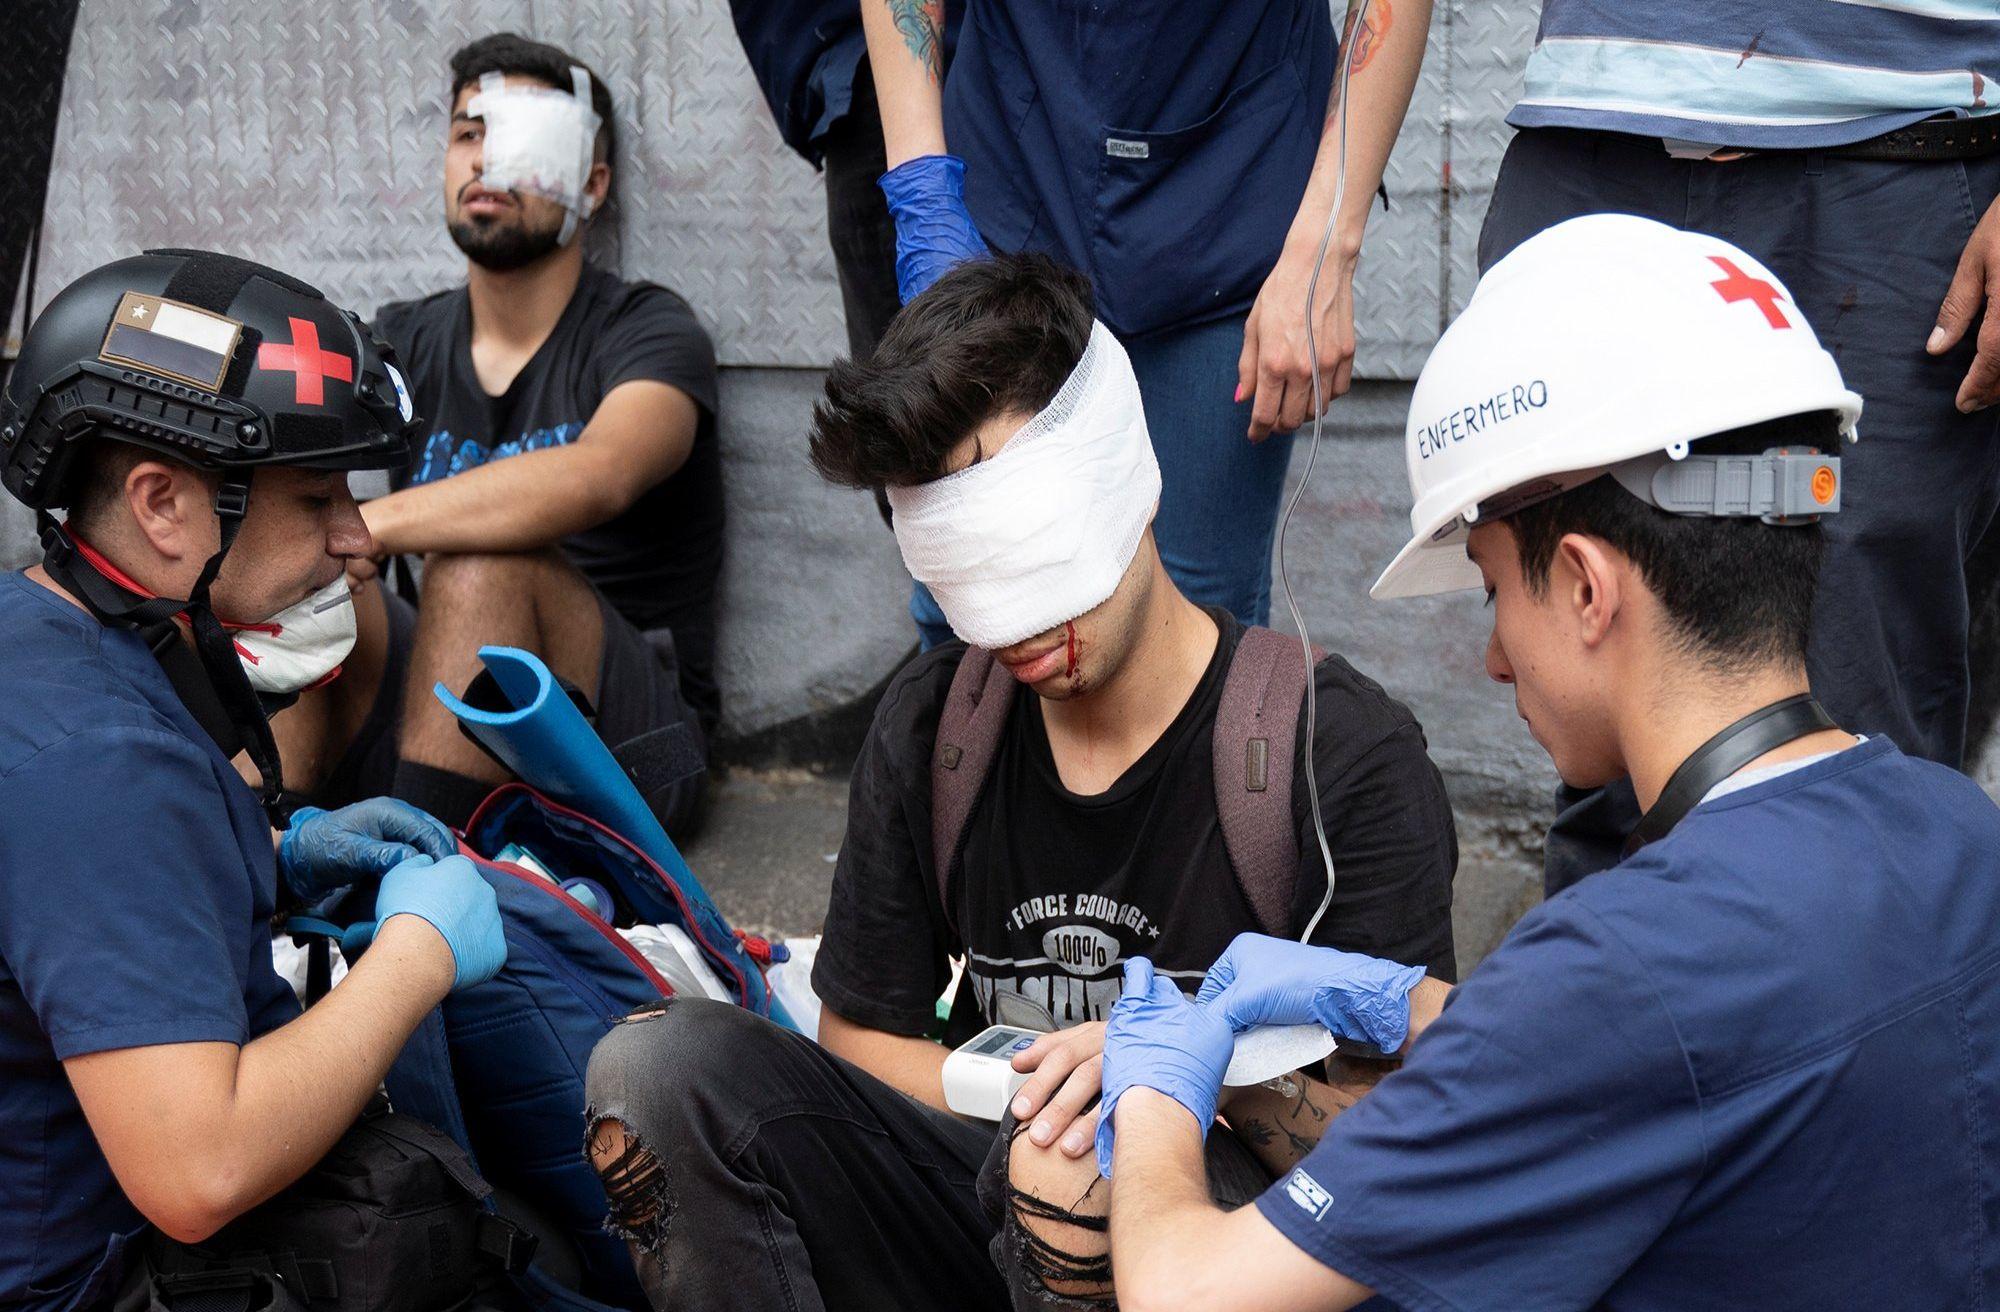 """Chile: Según el sumario de Carabineros sobre caso de Gustavo Gatica las lesiones podrían haber sido """"provocadas por manifestantes"""""""